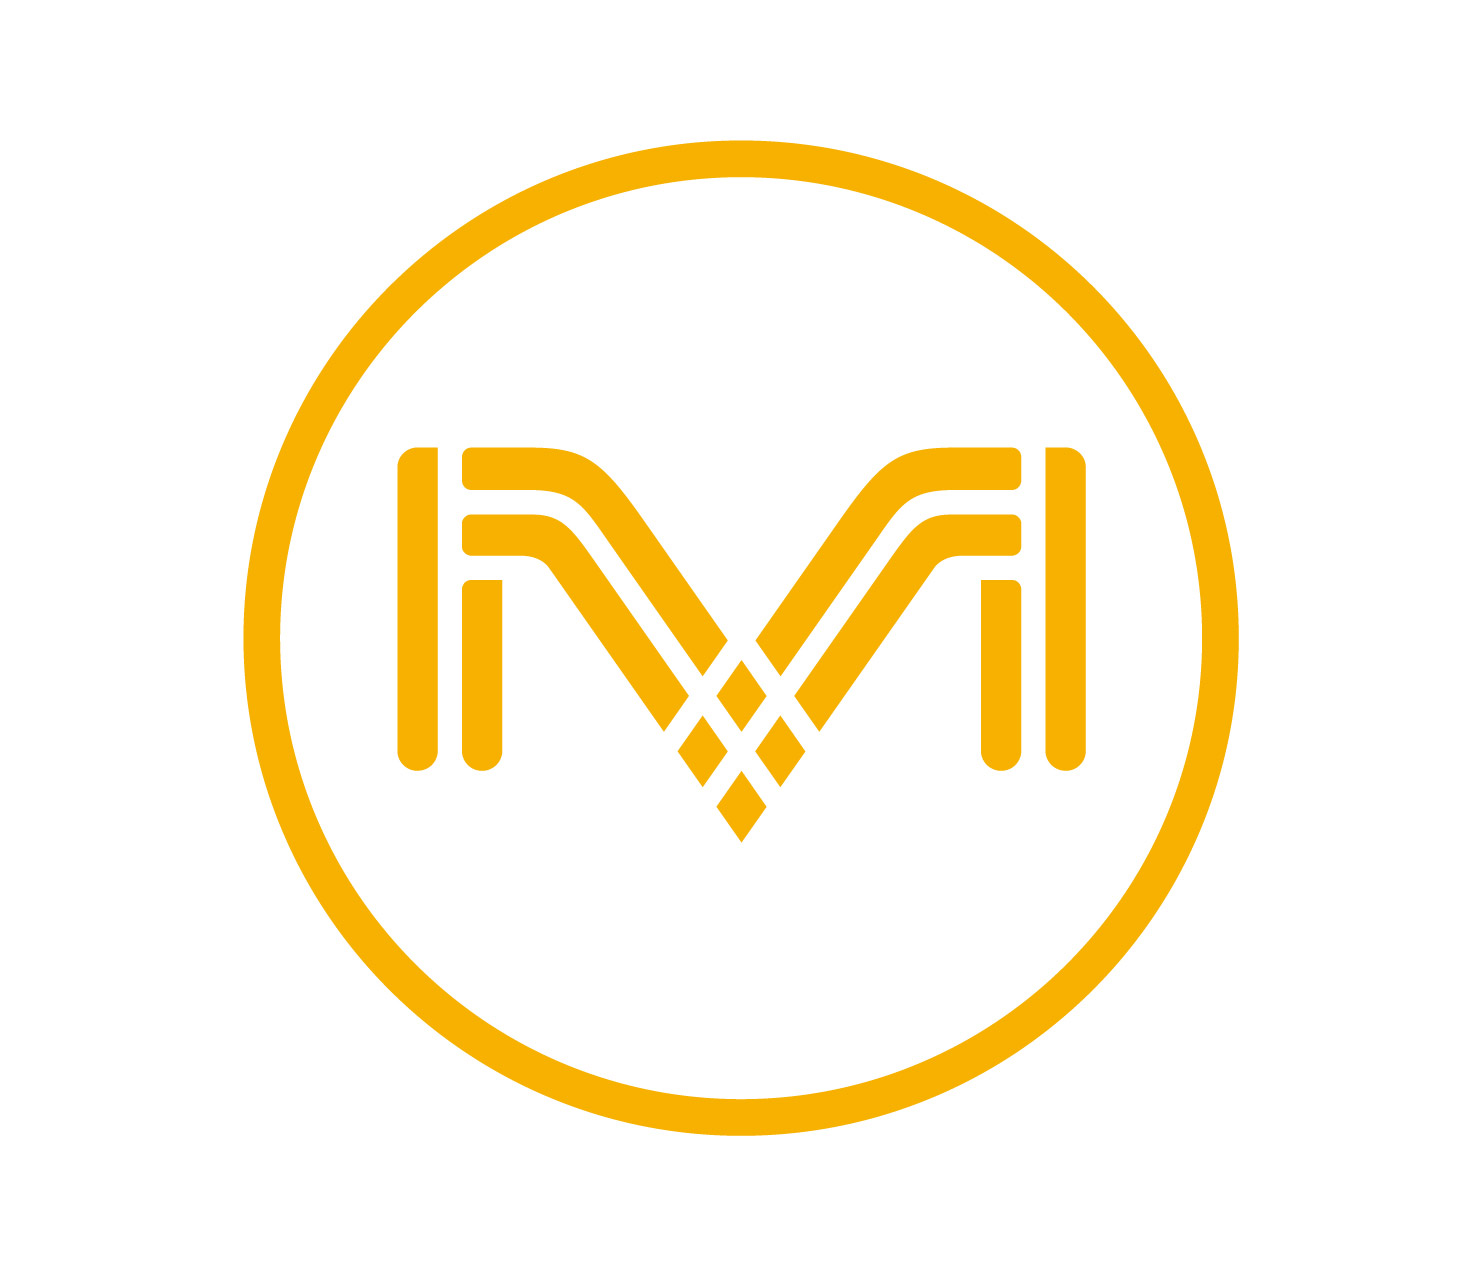 Maktar Inc. - 「Maktar」はAppleのMFi認証を取得したソフトウェアとハードウェアを統合し、スマートフォングッズ商品を開発&デザインしているホームエレクトロニクス企業です。世界的に有名な企業やブランドとのコラボレーションでソフトウェアとハードウェアの総合的なソリューションを提供します。自分たちが欲しいものではなく、ハイテク機器が苦手な人にも簡単に使える。そんな商品を開発するために情熱を注いでいます。創業:2014年代表者:陳良信 Mactaris連絡先:jp_support@maktar.com